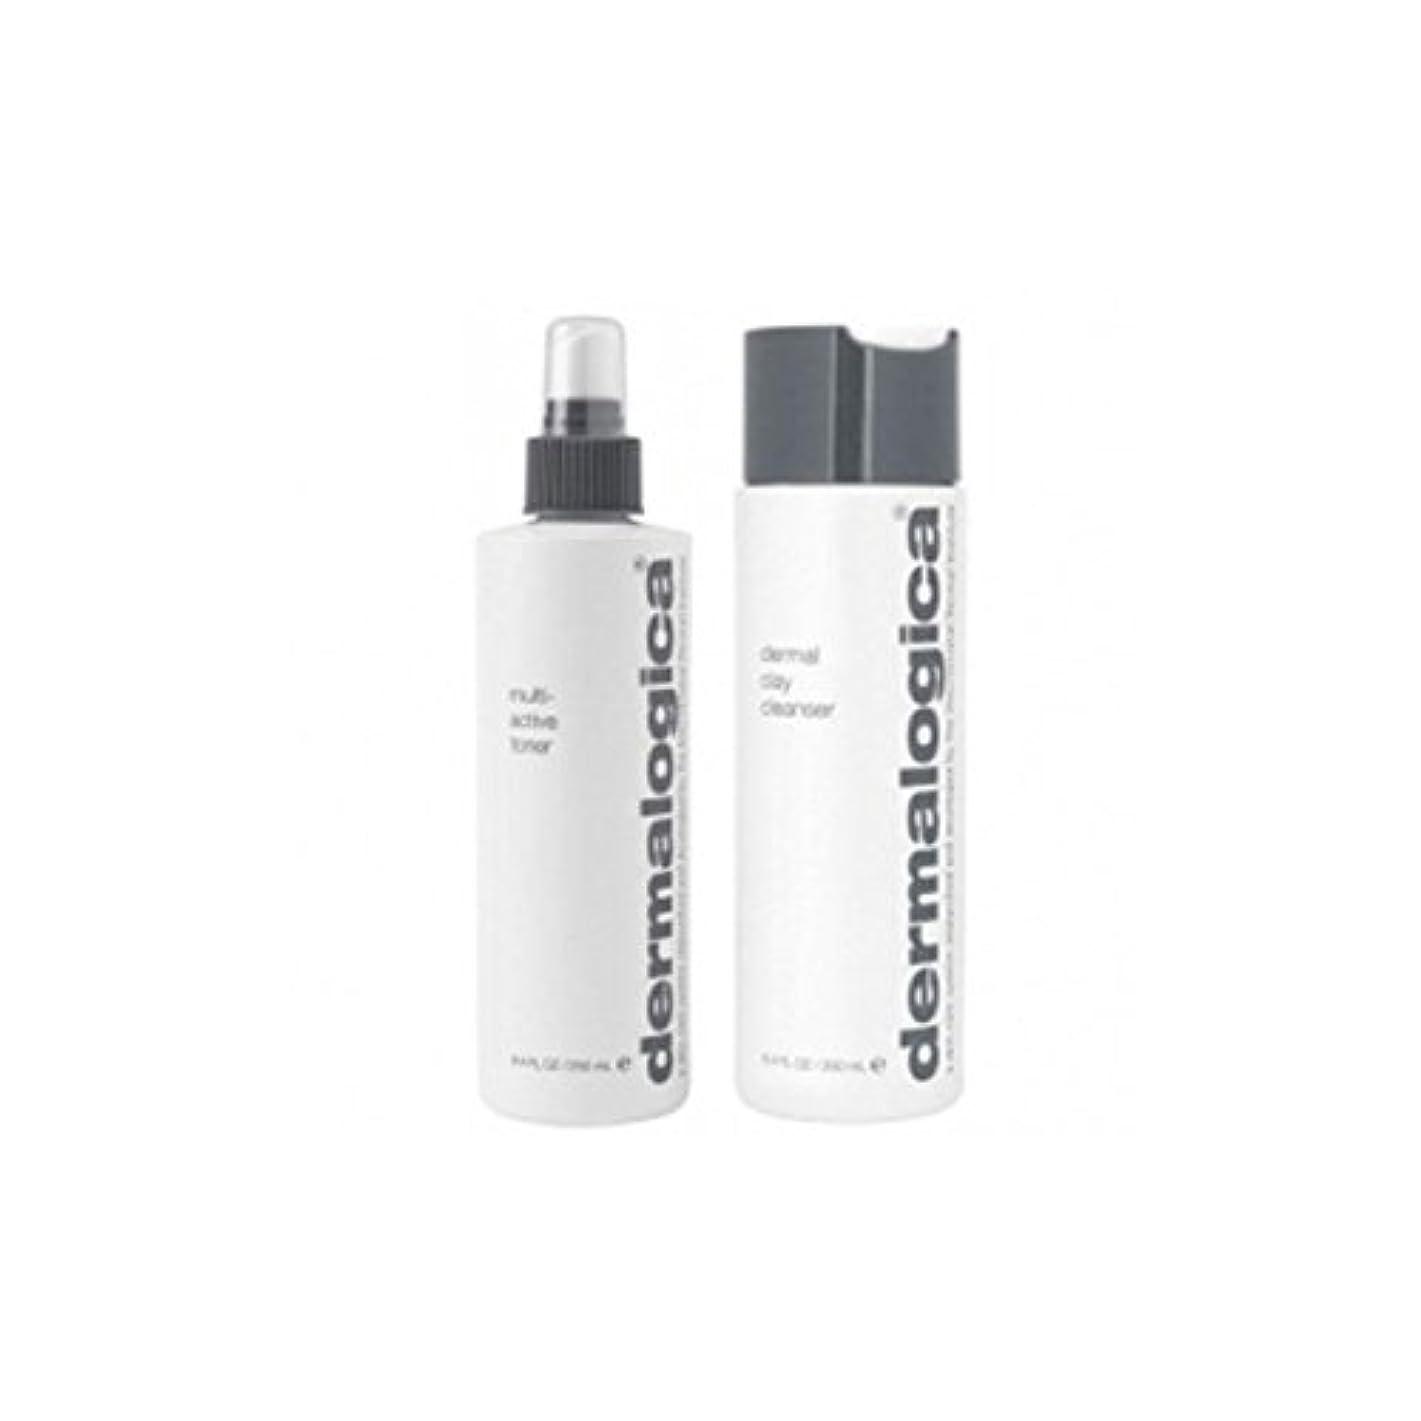 後ろにしおれた立ち寄るダーマロジカクレンジング&トーンデュオ - 脂性肌(2製品) x4 - Dermalogica Cleanse & Tone Duo - Oily Skin (2 Products) (Pack of 4) [並行輸入品]